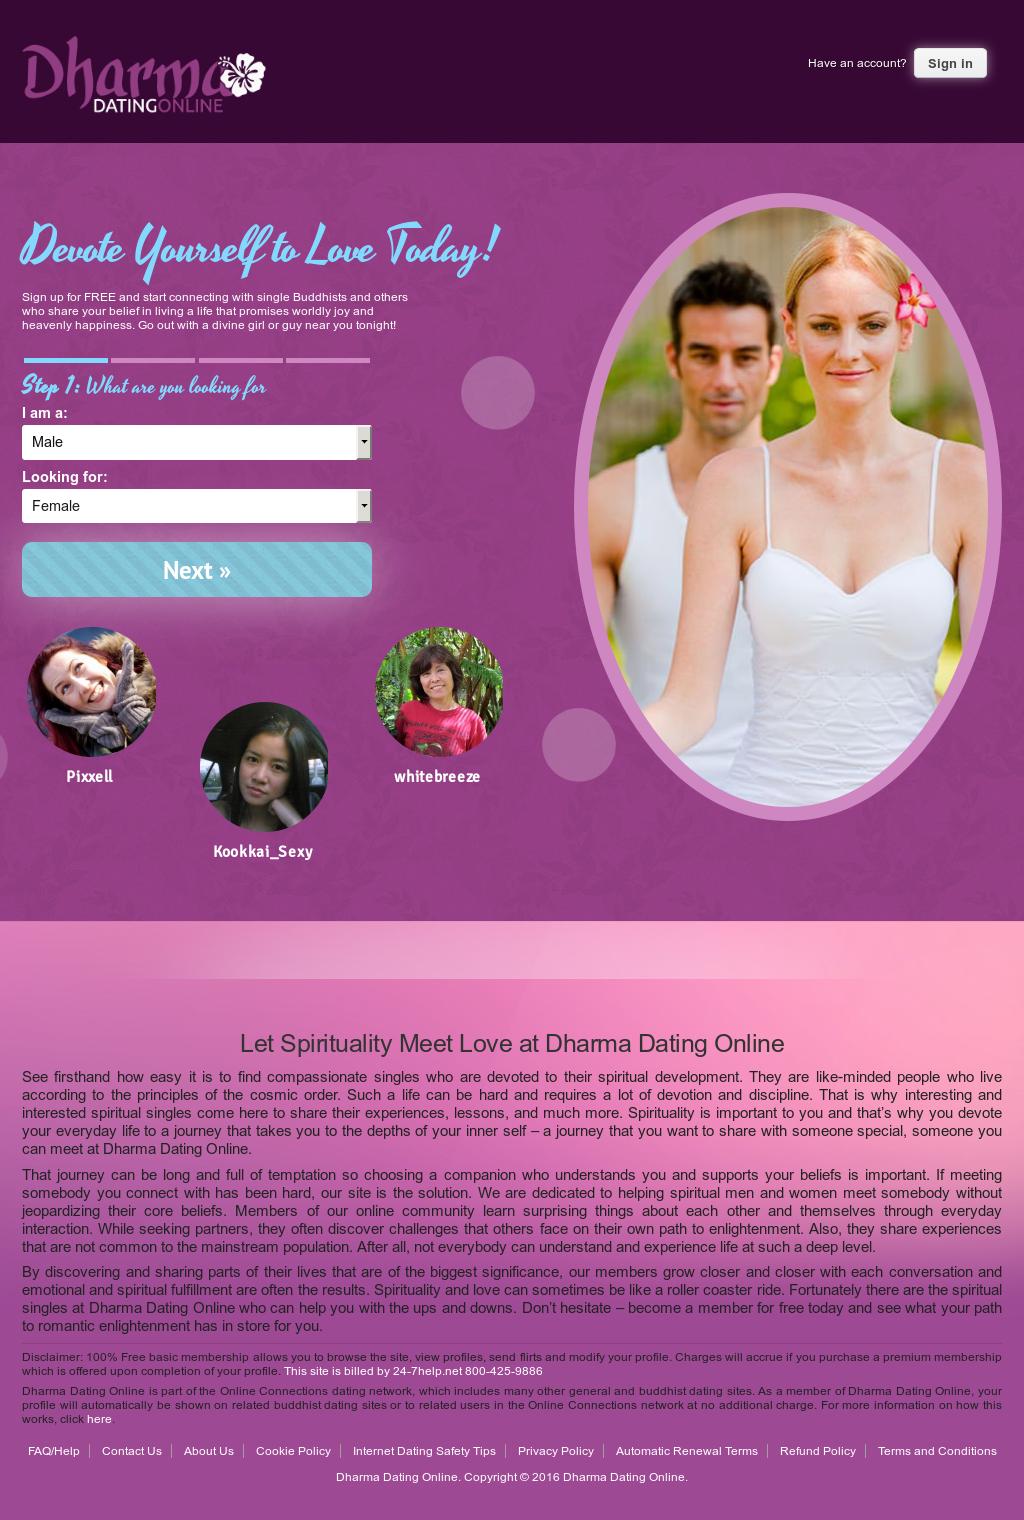 Dharma dating